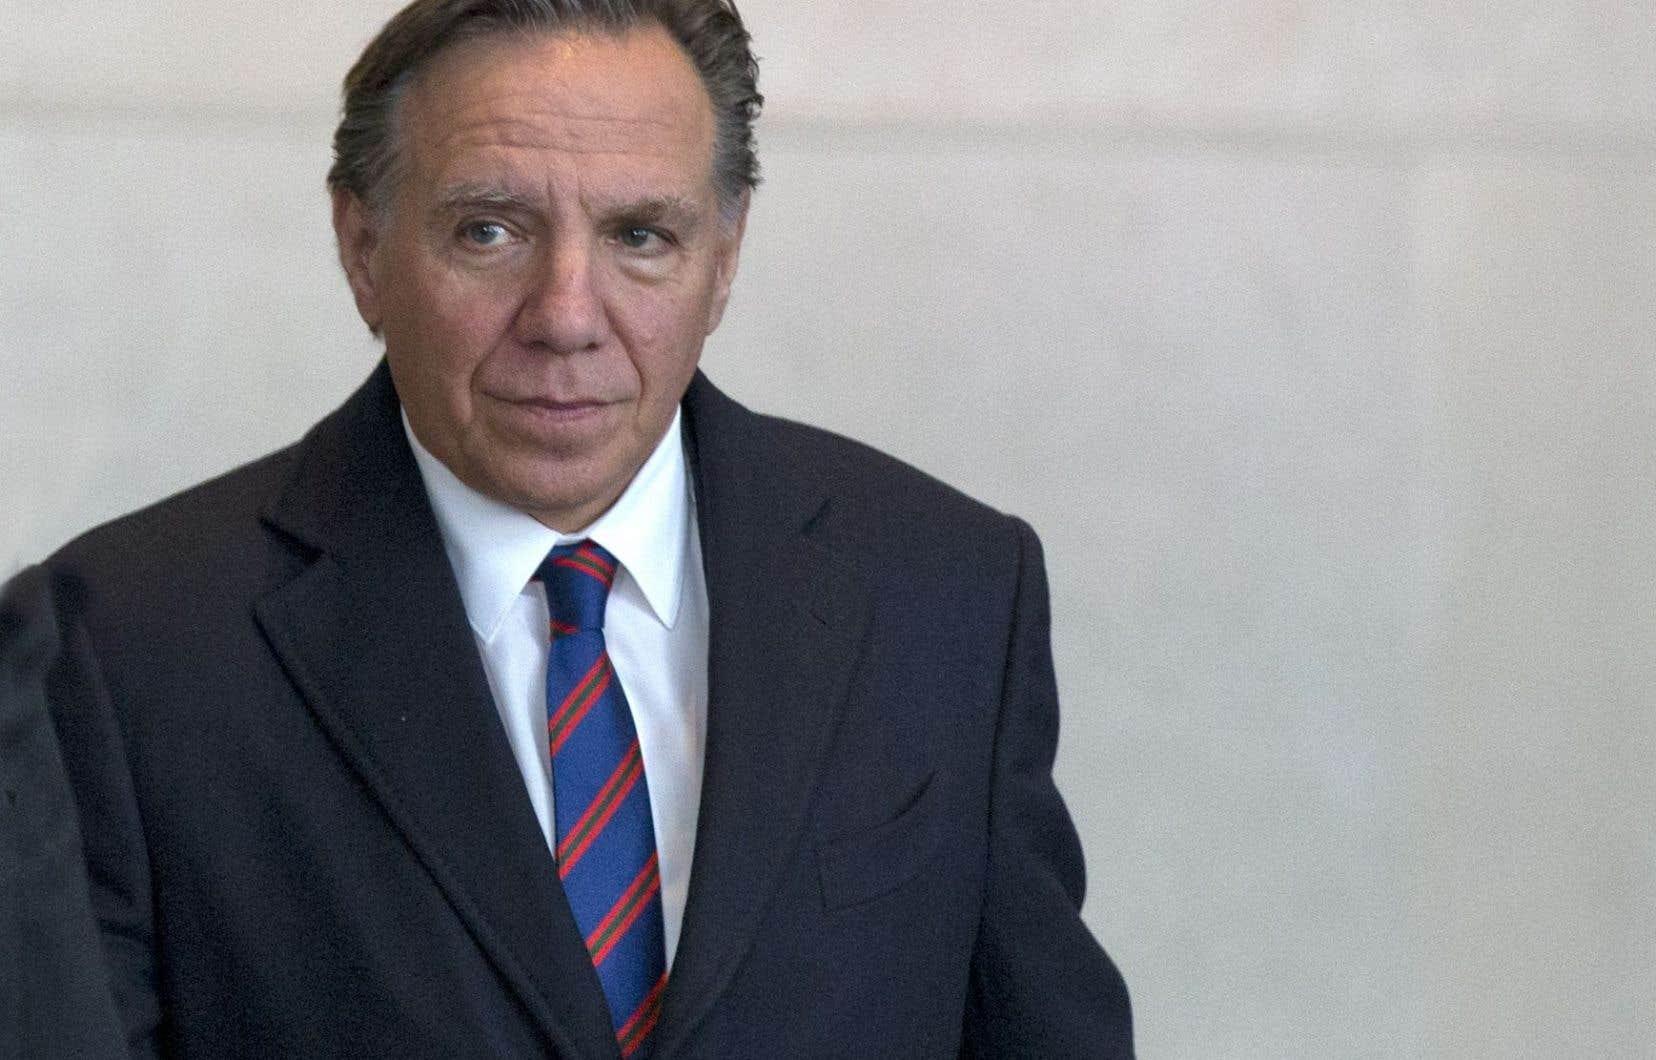 Le parti de François Legault a lancé la campagne «Libéraux, remboursez!» après que le gouvernement libéral eut annoncé qu'il ne rembourserait pas aux clients d'Hydro-Québec un trop-perçu.